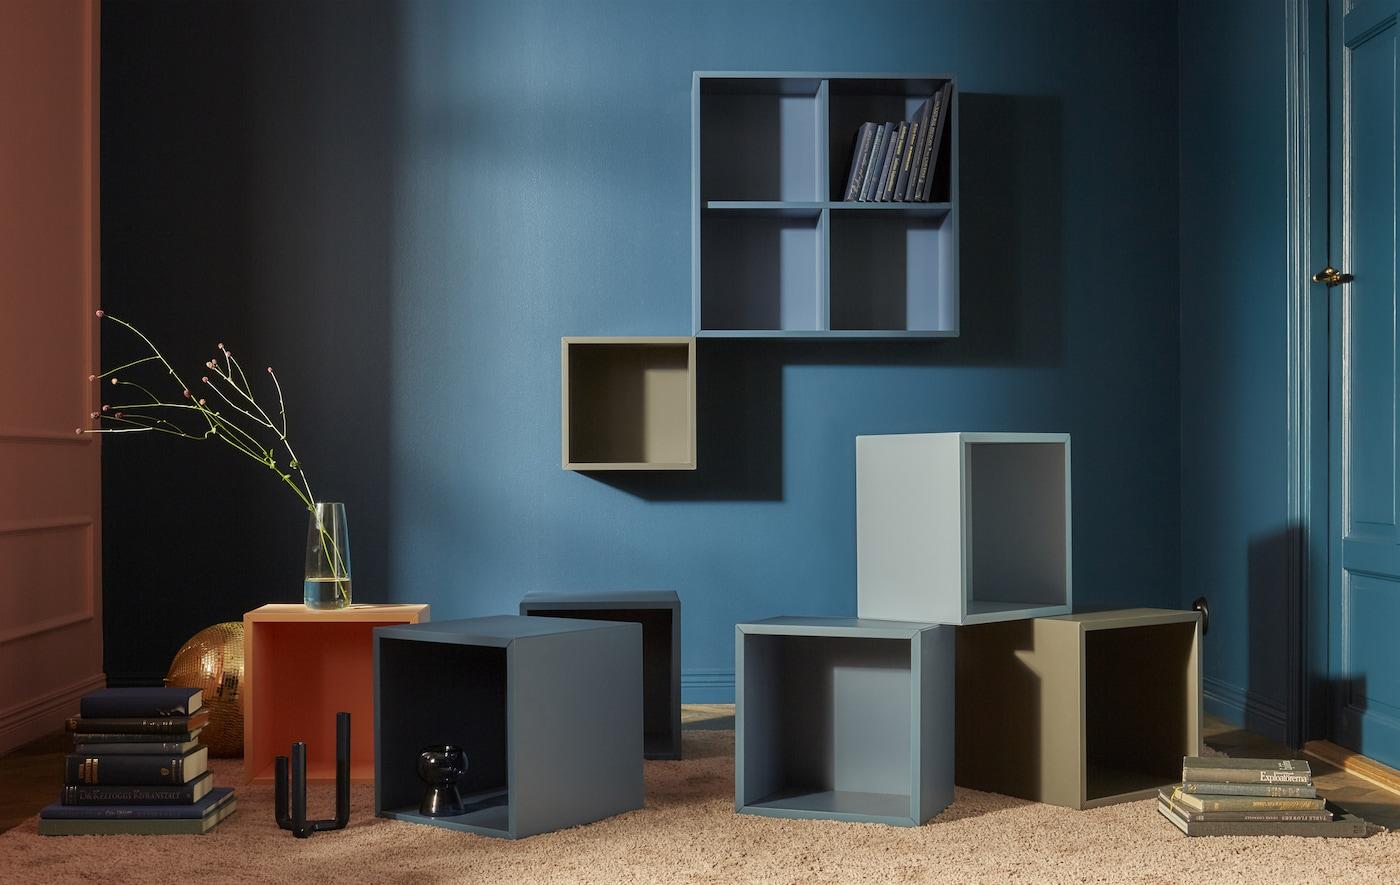 أفكار لوحدات تخزين جداري باستخدام خزانة مفتوحة - IKEA